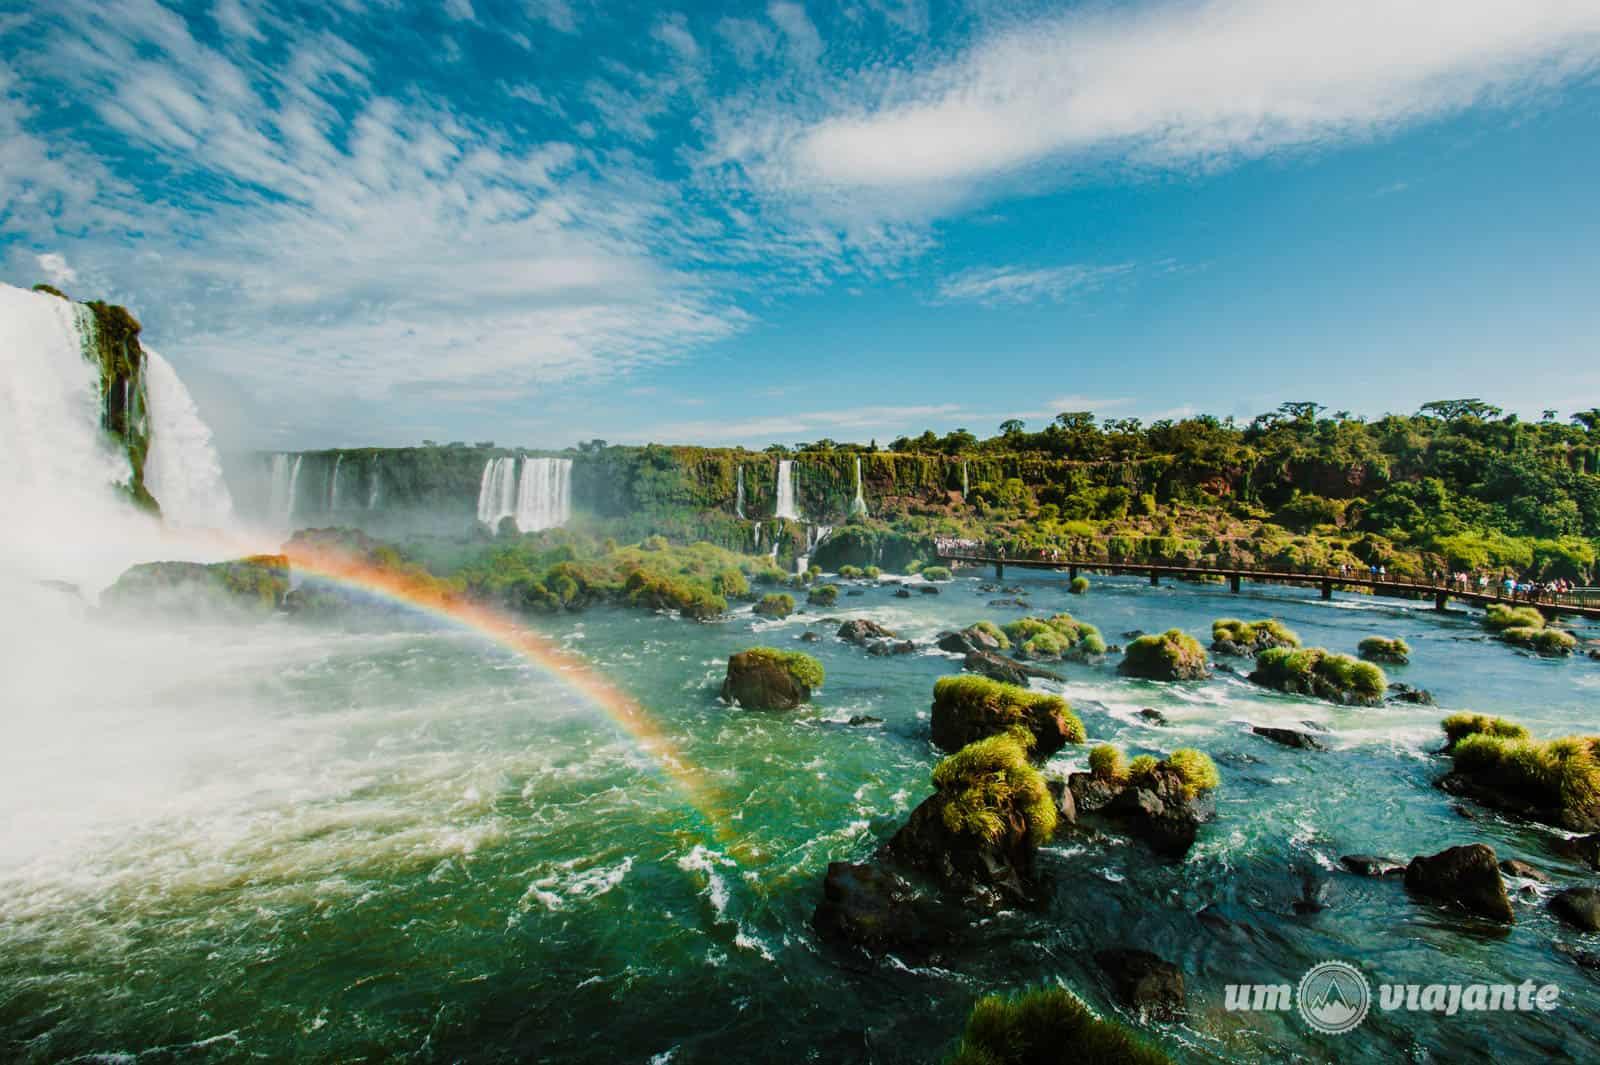 Cataratas do Iguaçu, Foz do Iguaçu - Roteiro 3 dias